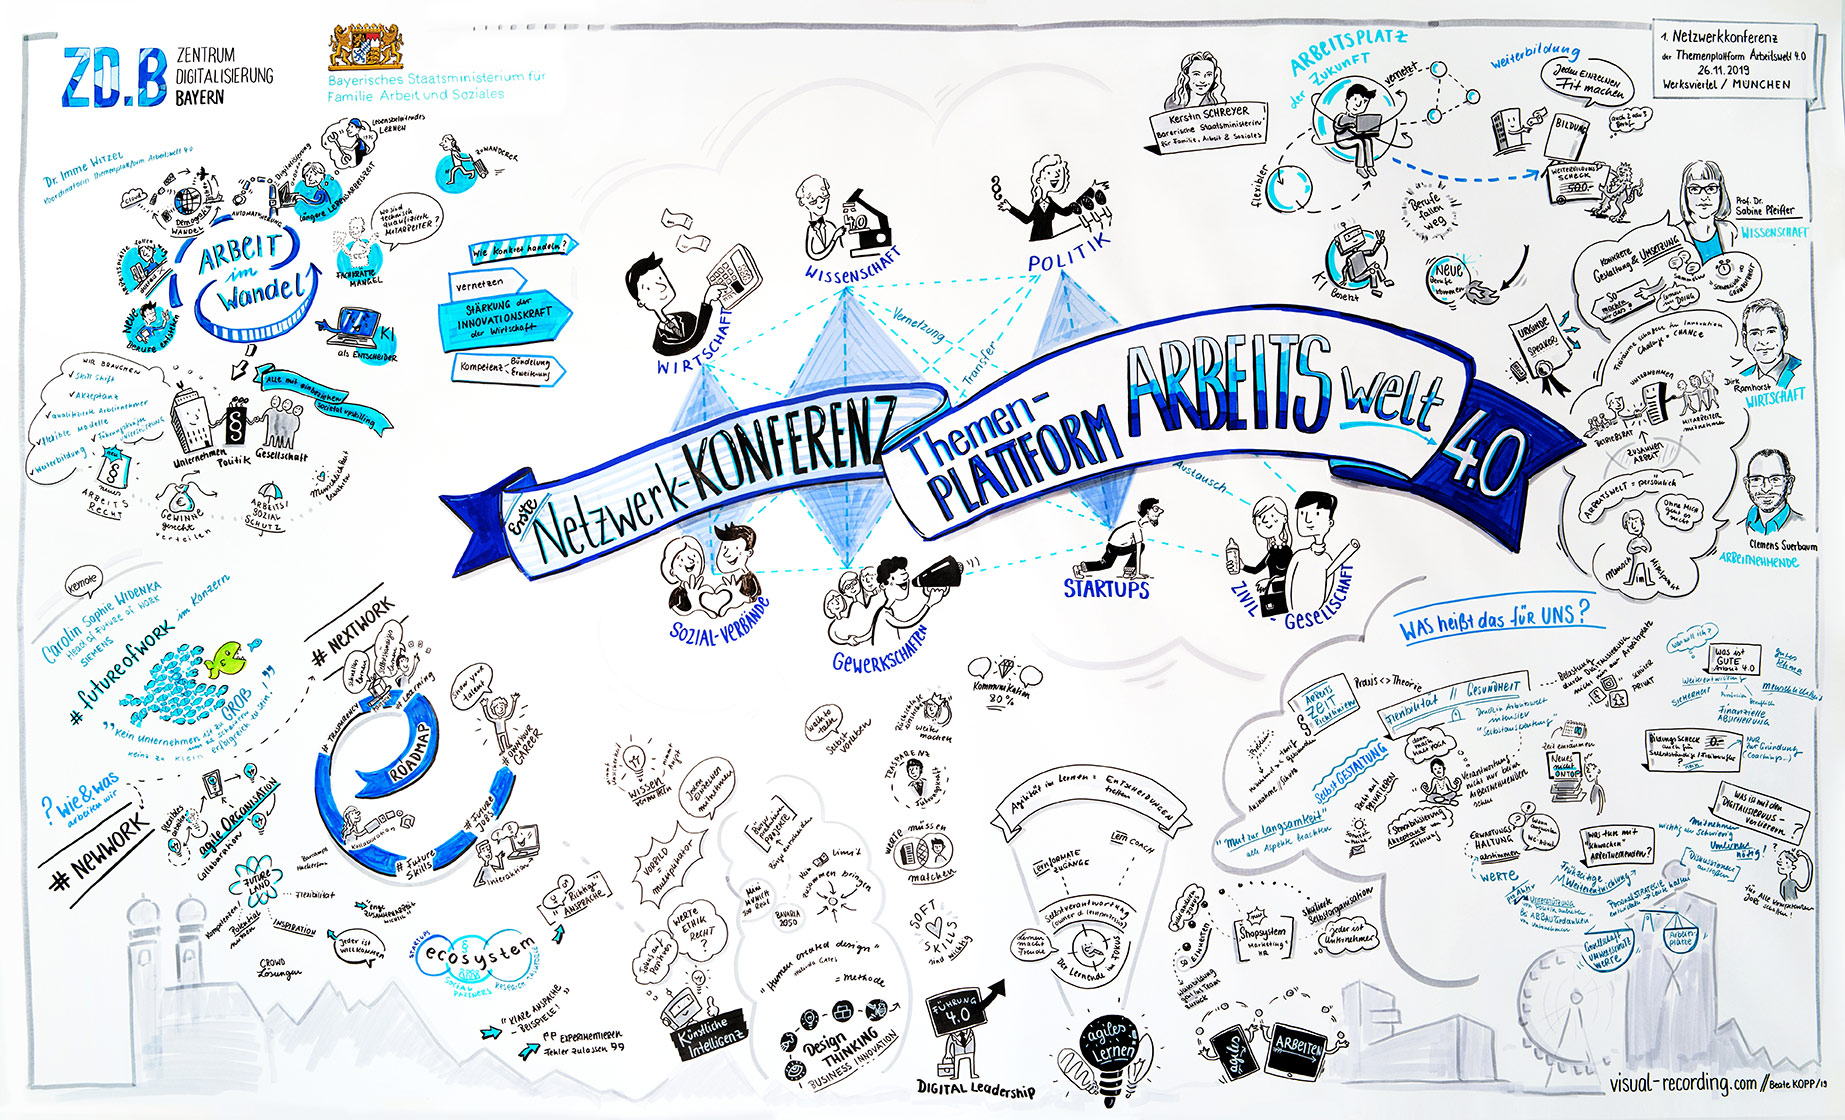 Graphic Recording bei der ersten Netzwerkkonferenz des ZDB - Zentrum Digitalisierung Bayern / Themenplattform Arbeiten 4.0 in München